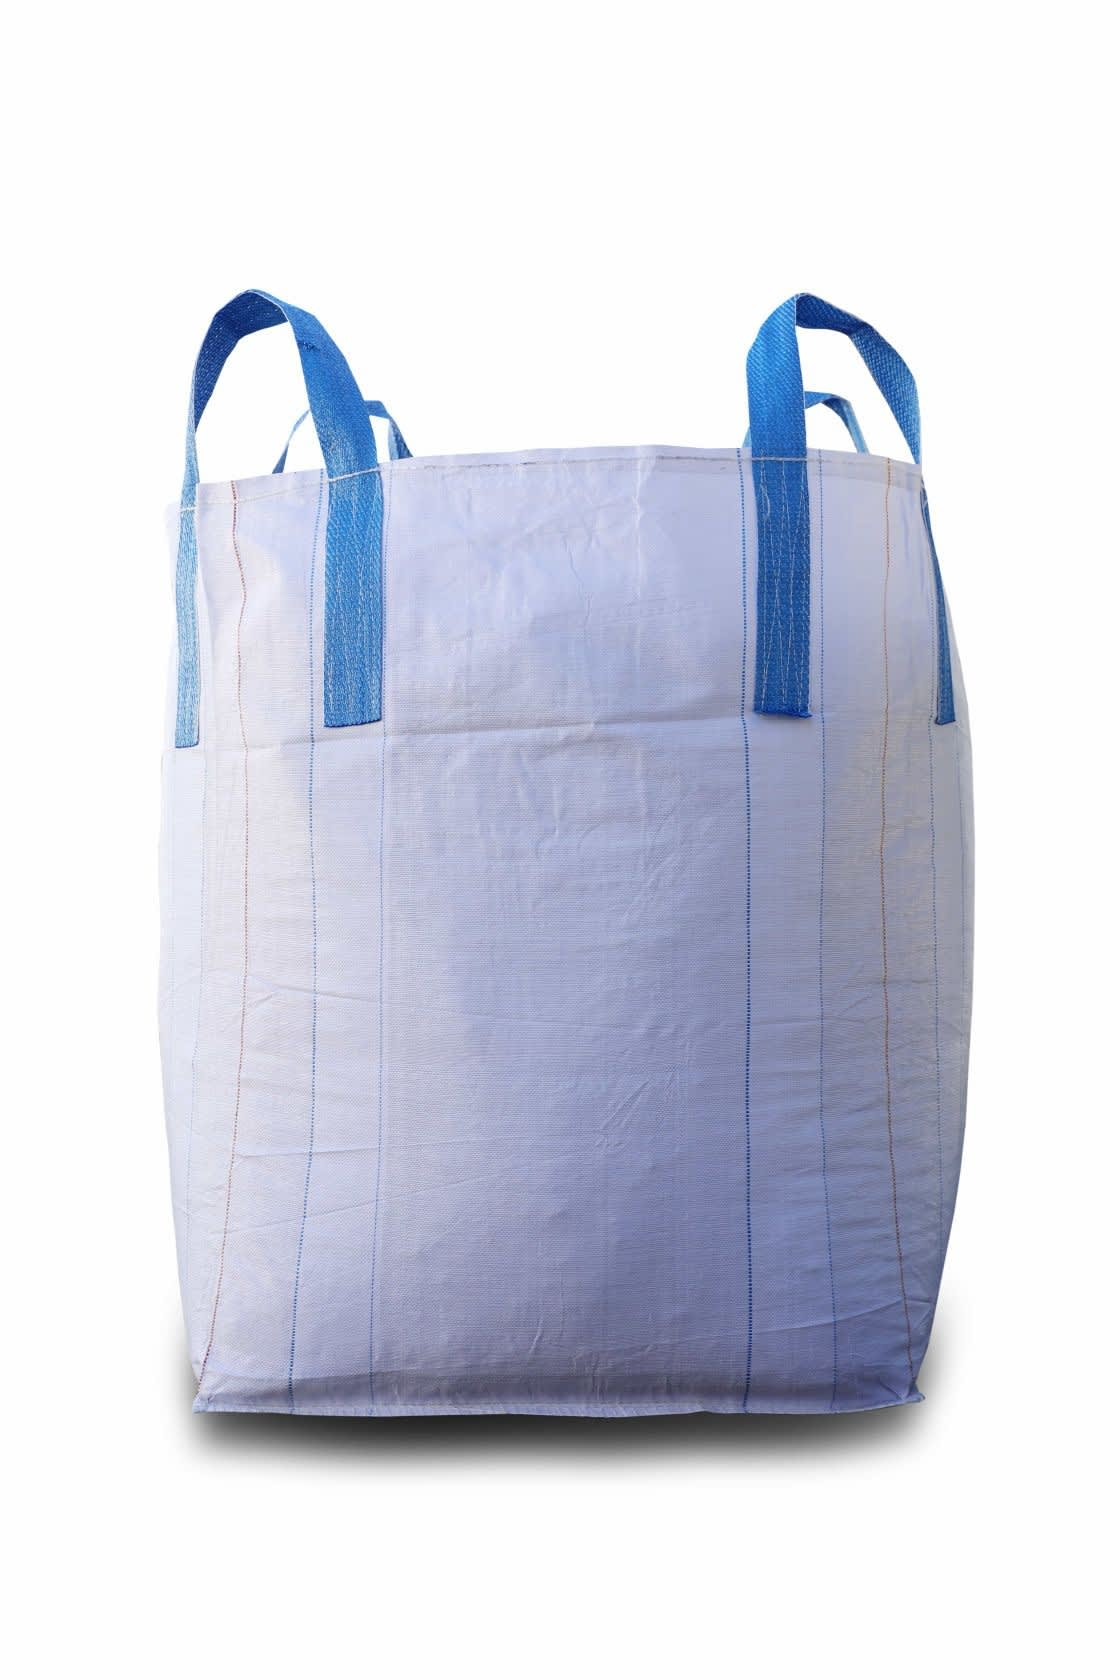 Open Top Closed Bottom Bulk Bags or Bulka Bags